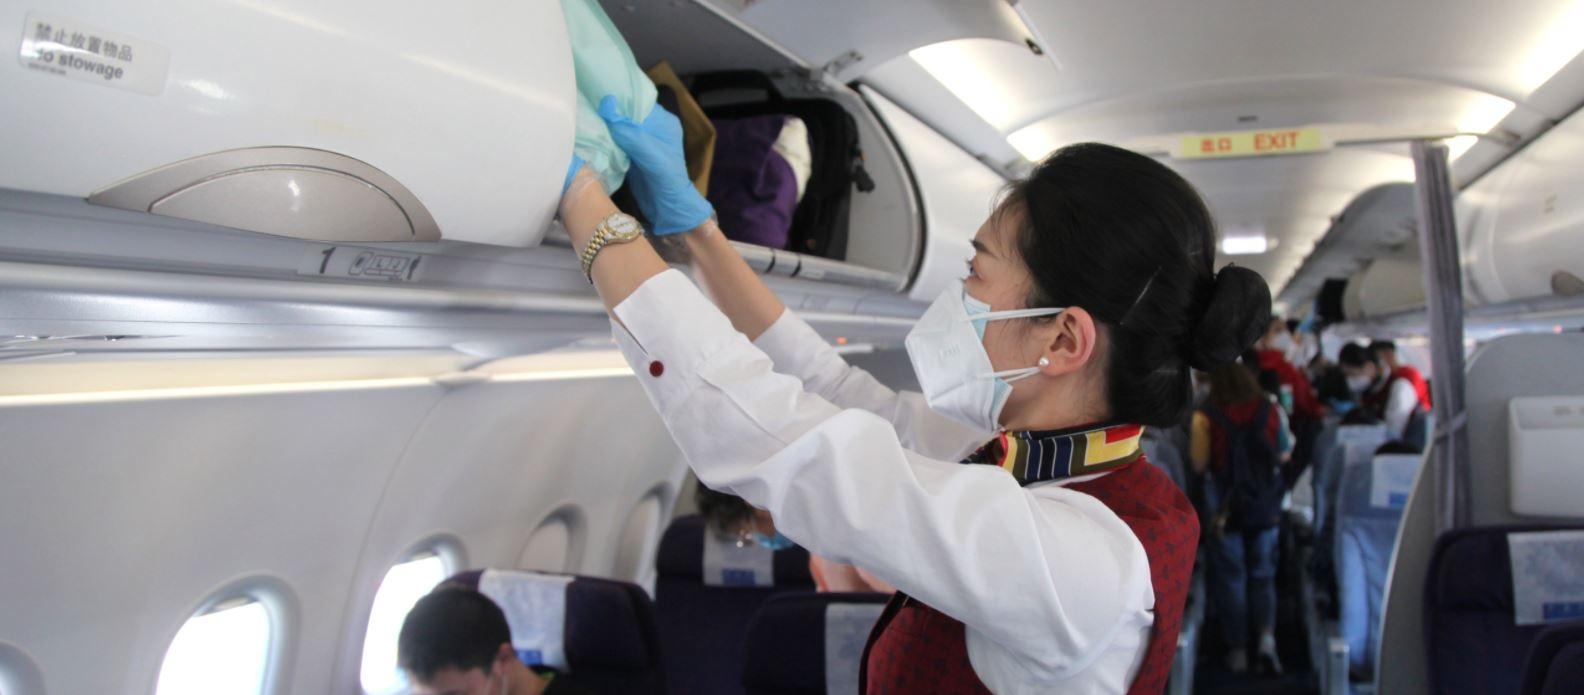 国航CA1742定制包机航班乘务员放置手提行李